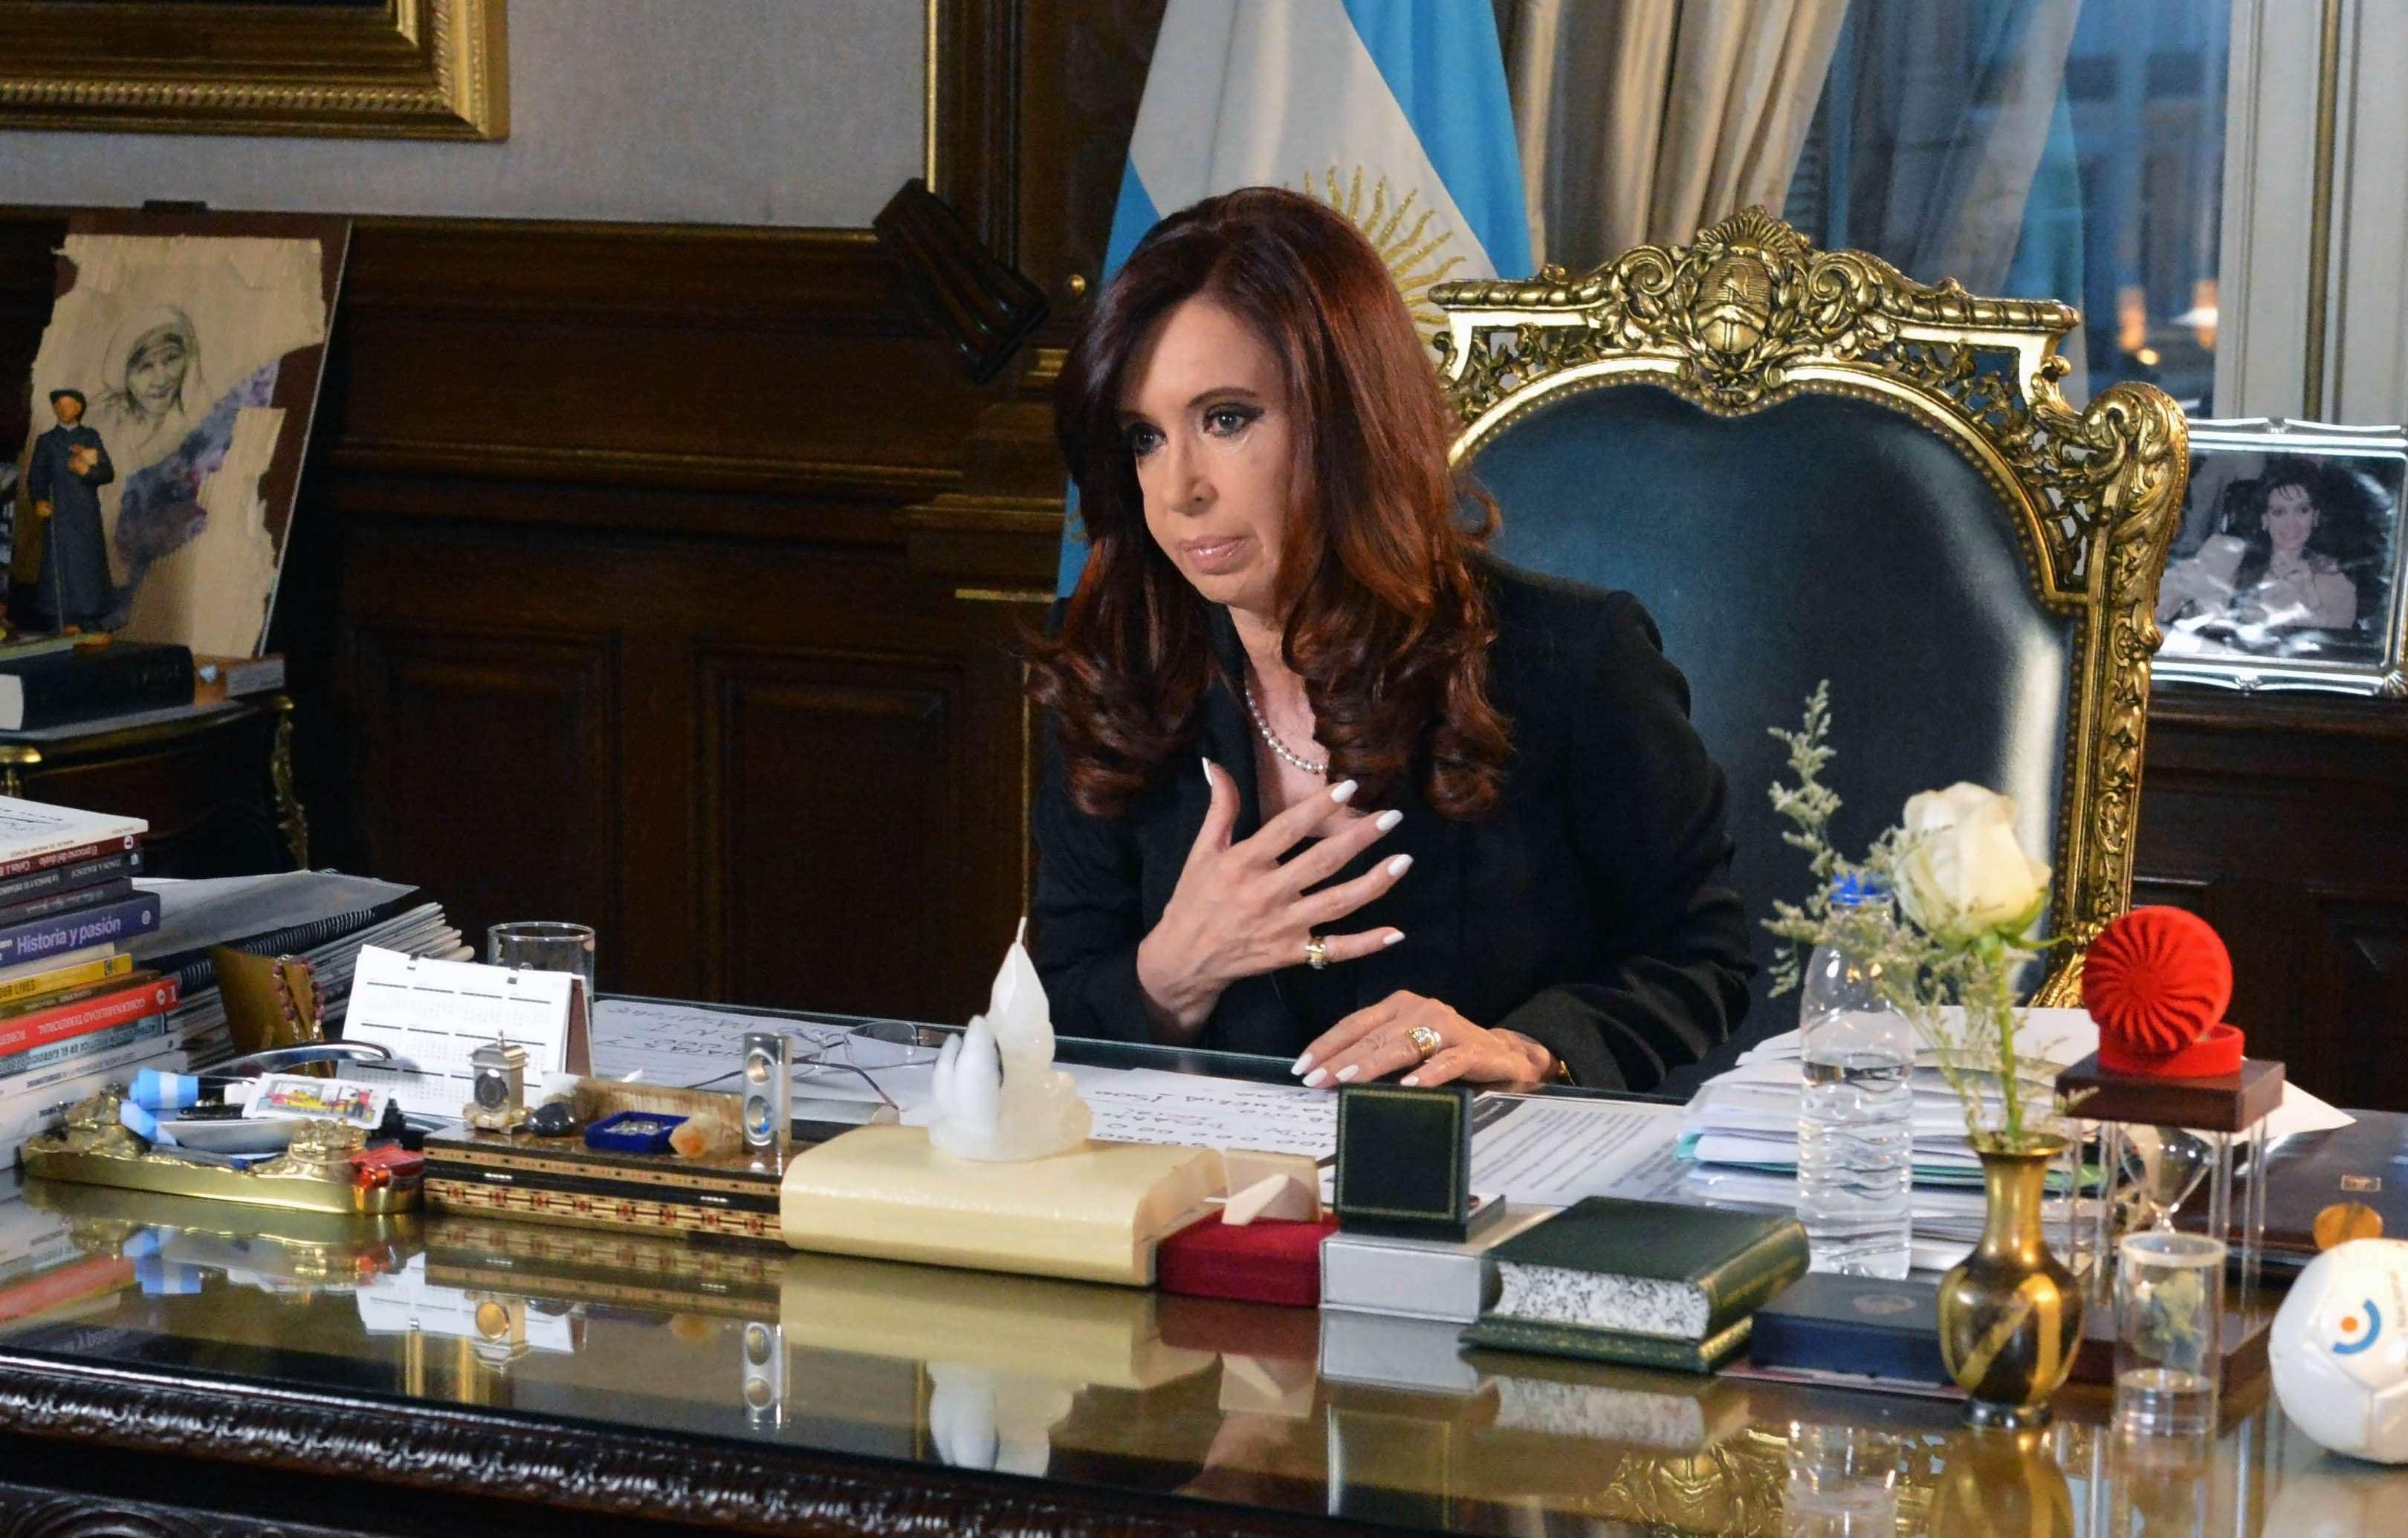 La presidenta argentina, Cristina Fernández, habló este lunes por Cadena Nacional por primera vez tras la muerte del fiscal Alberto Nisman, quien la había denunciado por supuesto encubrimiento a terroristas. Foto: NA